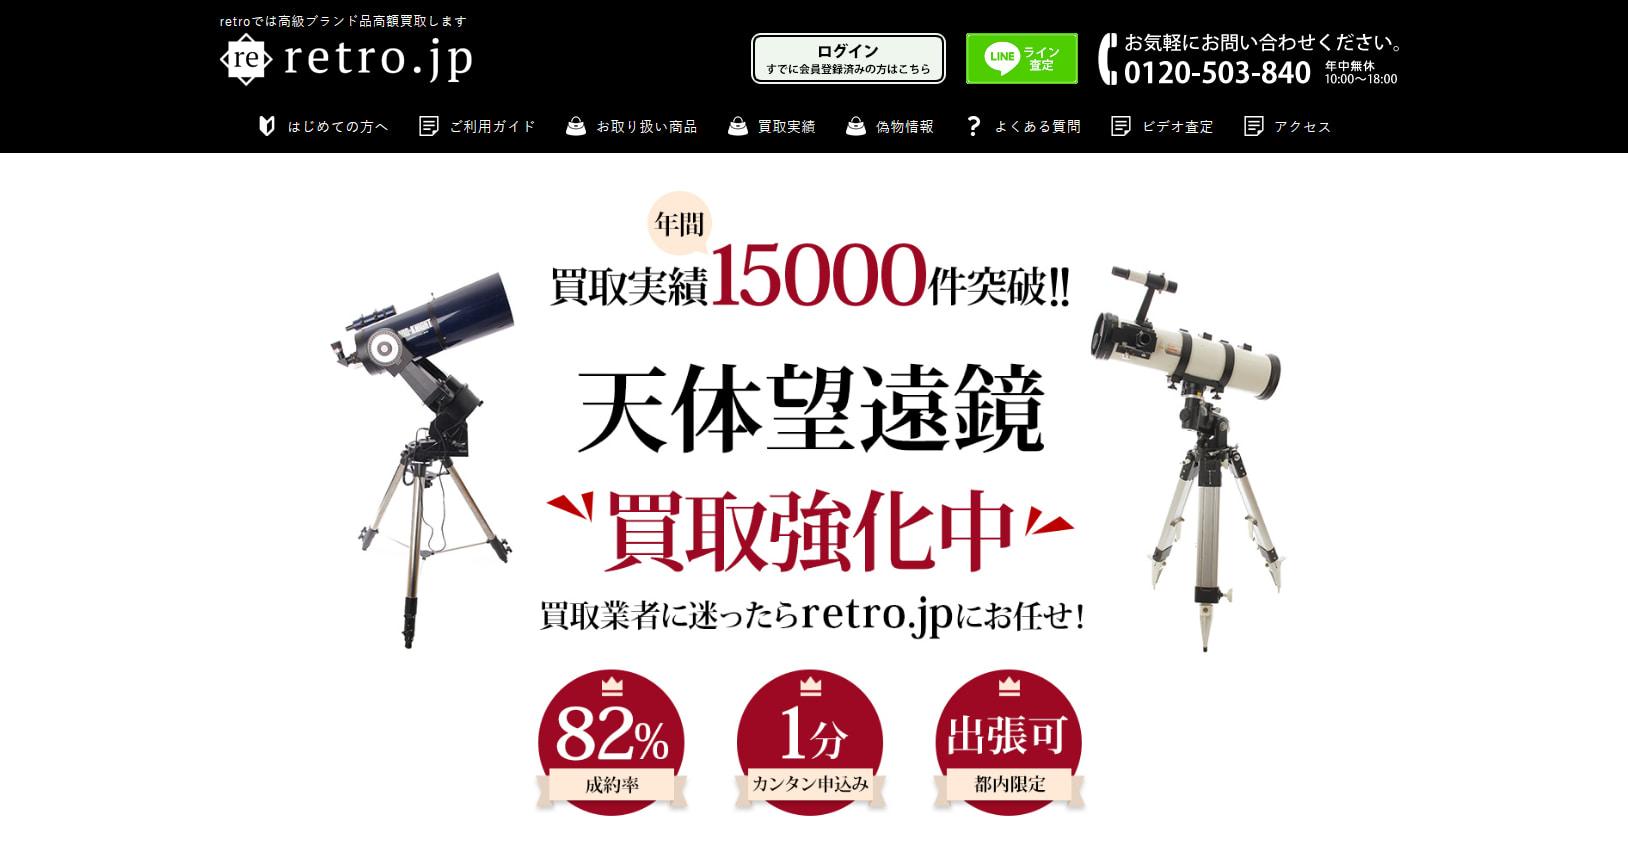 天体望遠鏡買取のおすすめ店retro.jp